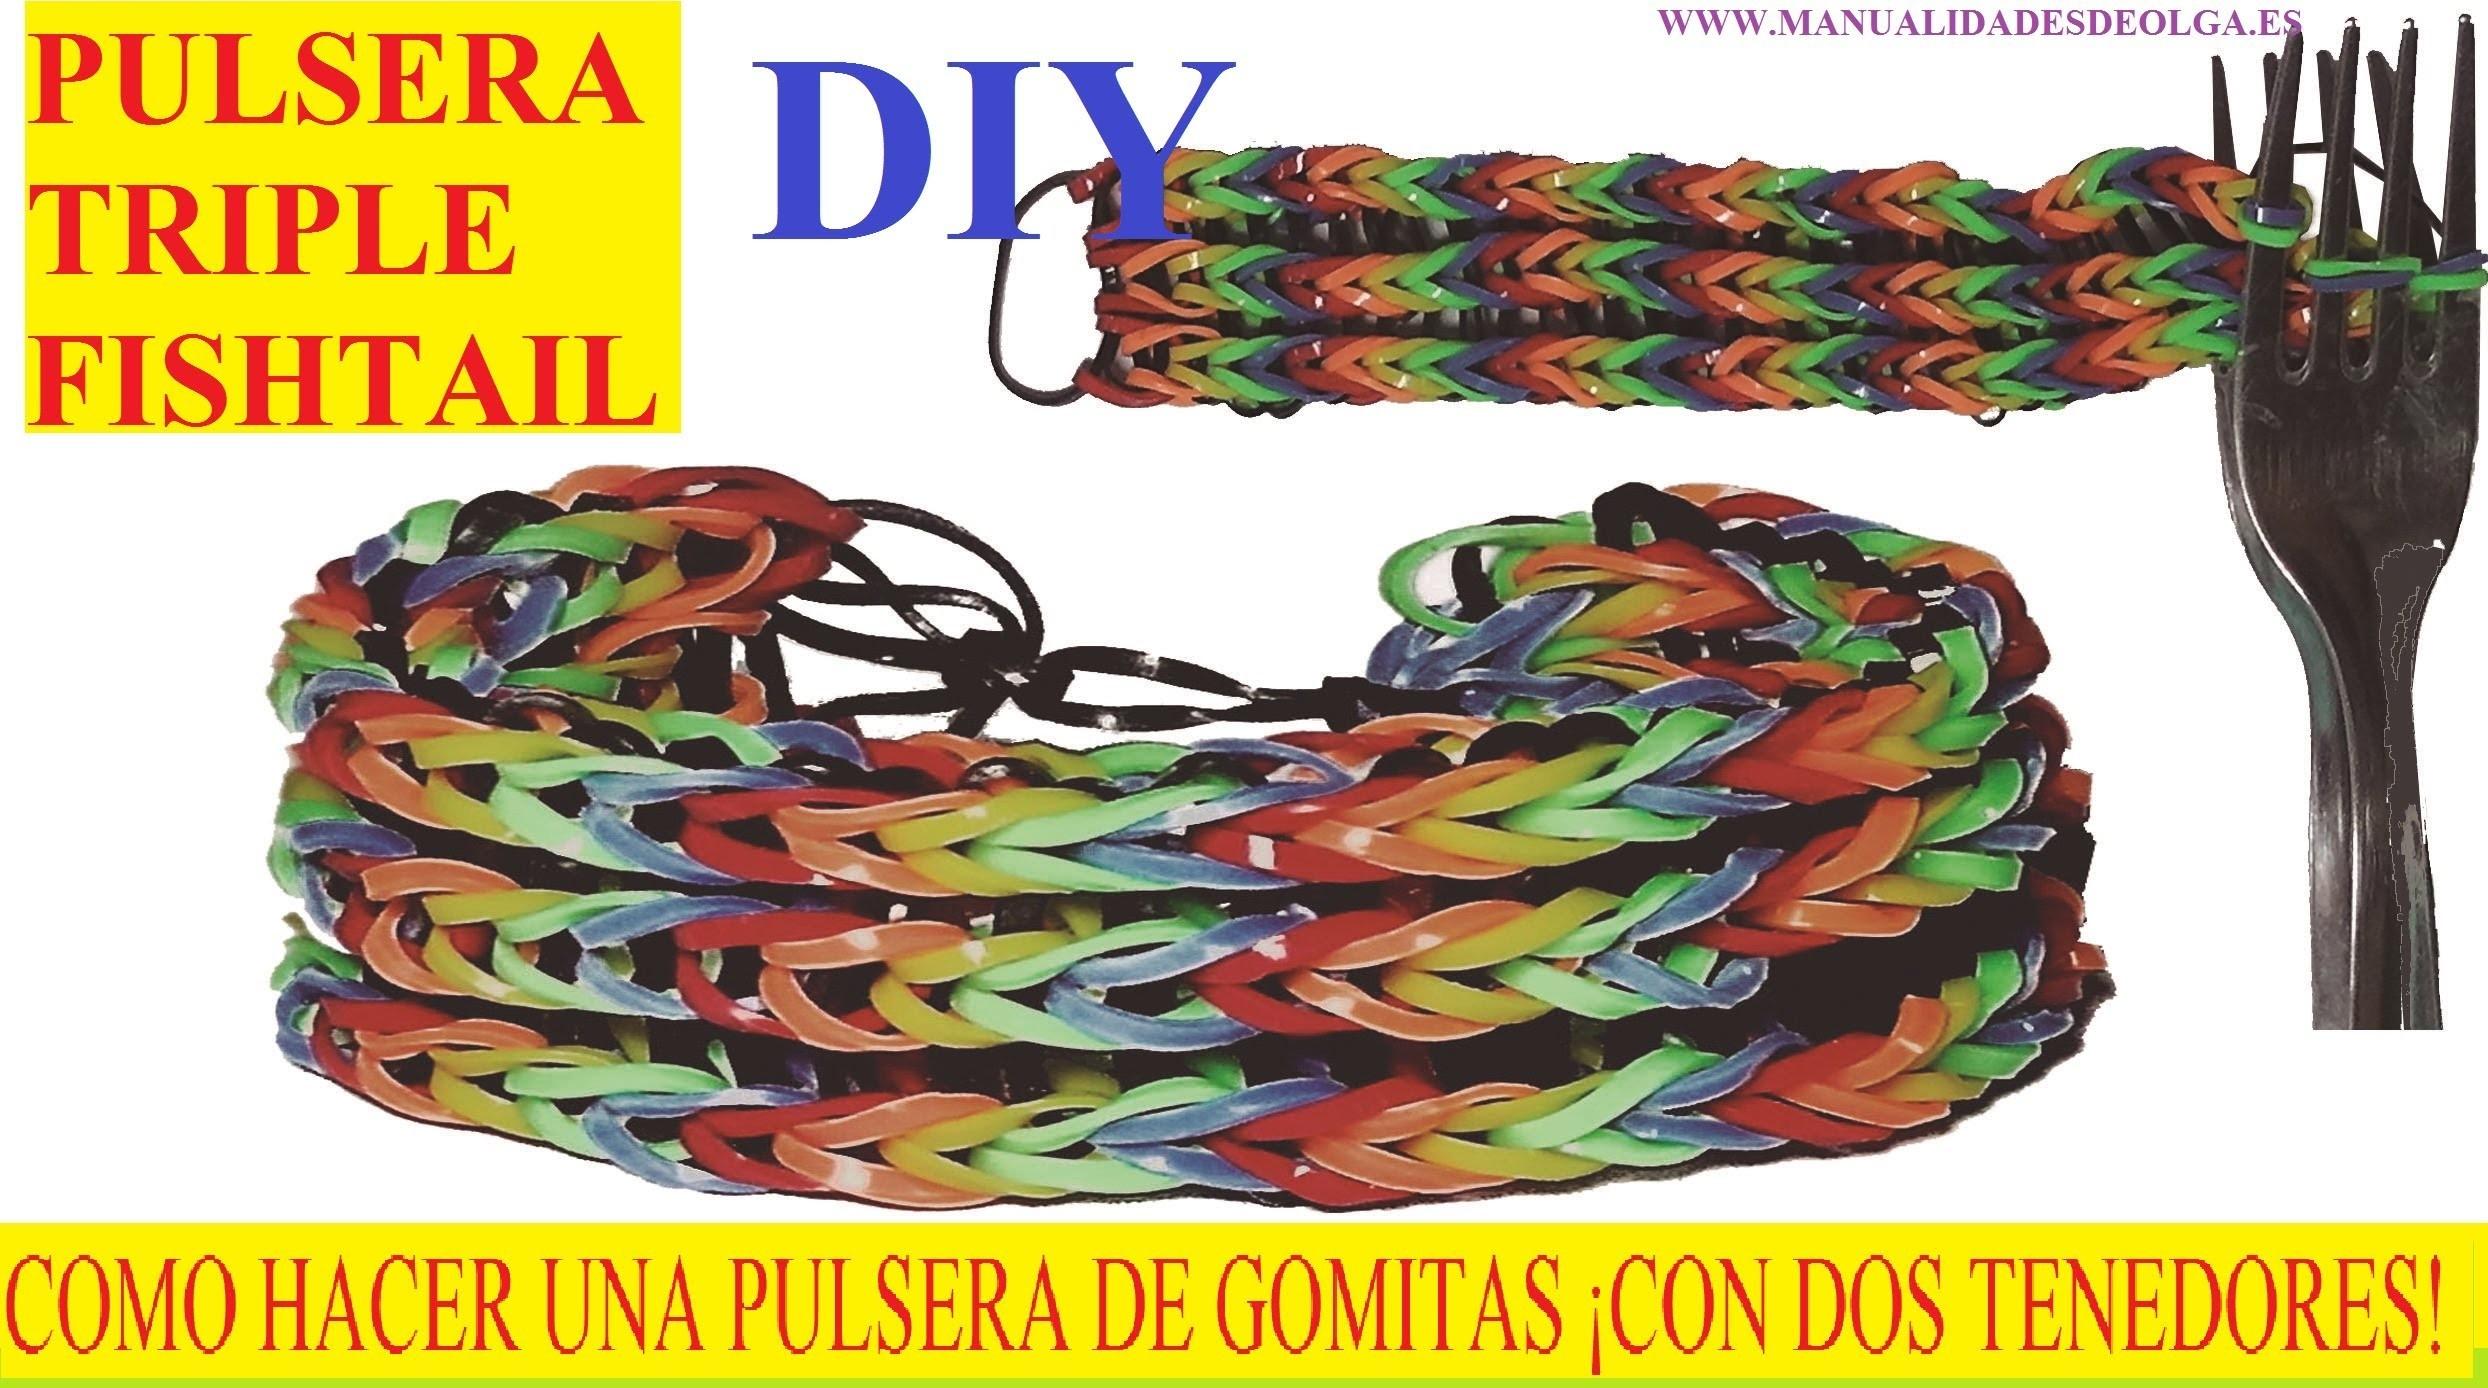 COMO HACER PULSERA TRIPLE FISHTAIL ¡CON DOS TENEDORES! SIN TELAR TUTORIAL ESPAÑOL DIY